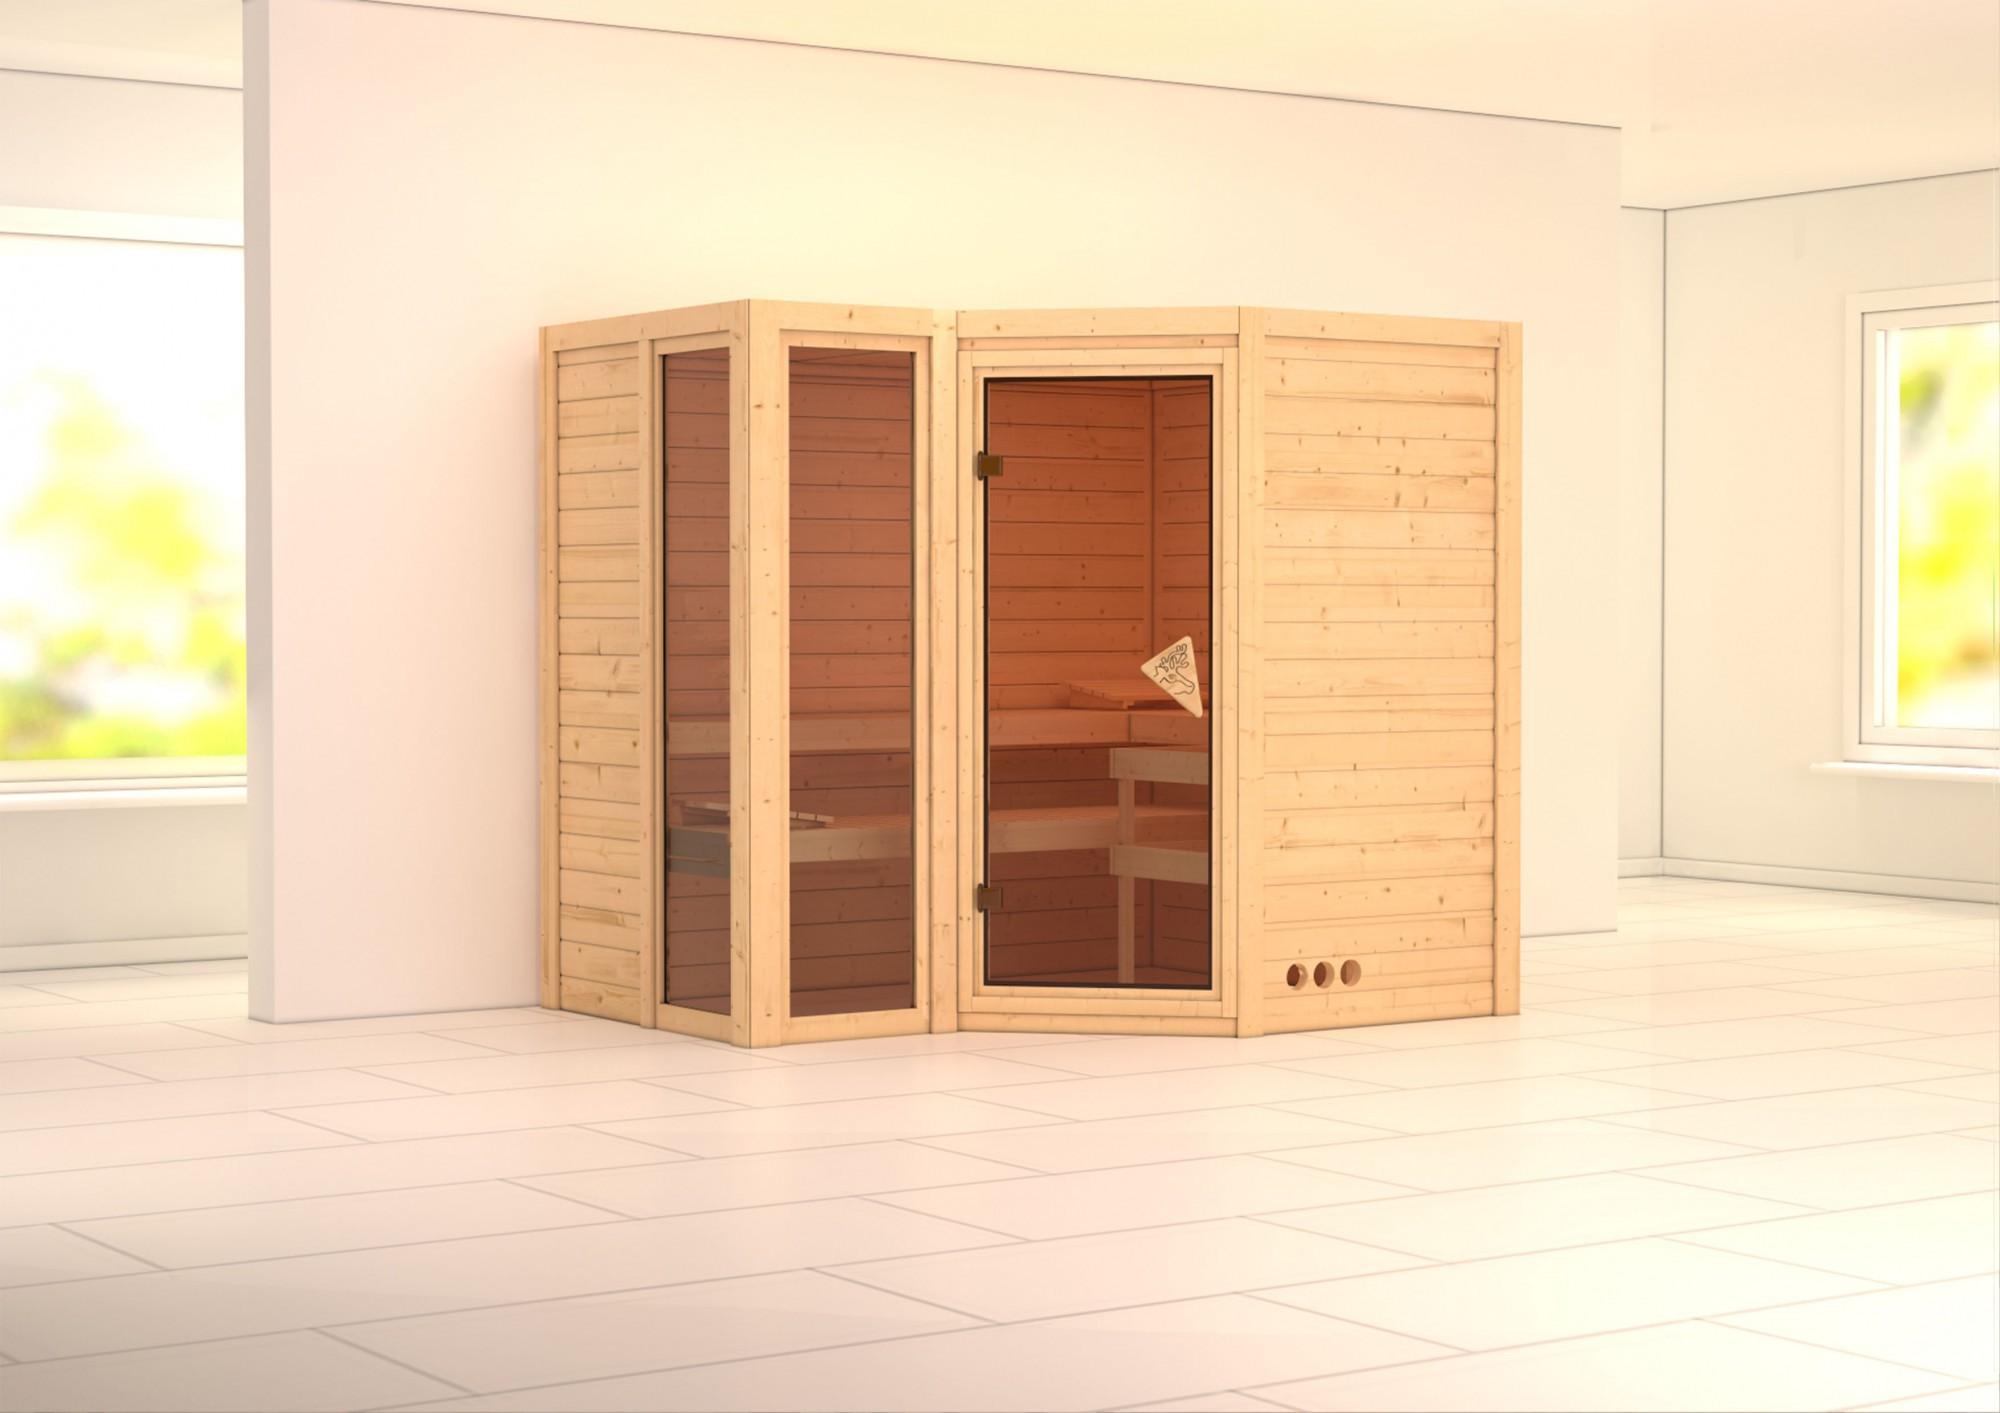 karibu massiv sauna amara eckeinstieg 40 mm mit dachkranz ohne zubeh r. Black Bedroom Furniture Sets. Home Design Ideas